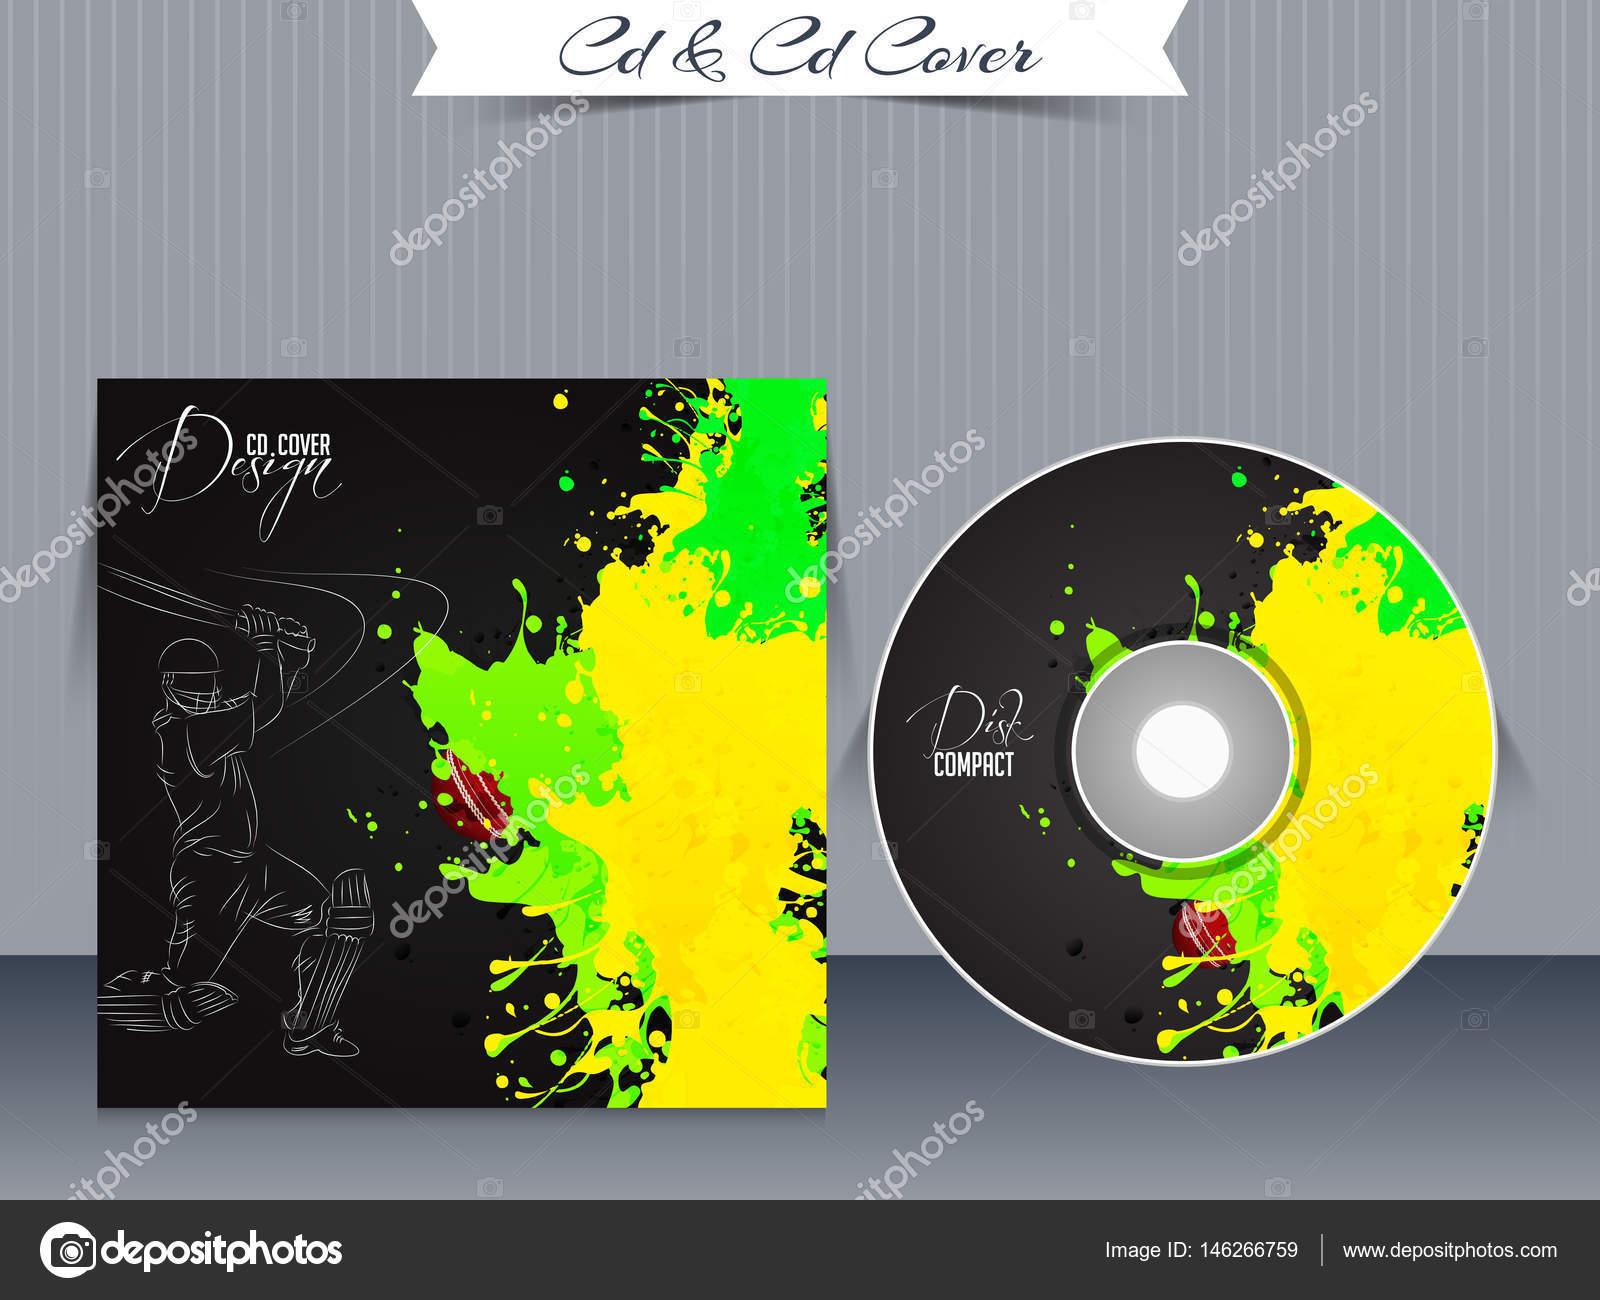 Plantillas de diseño de la caja de CD o Dvd — Archivo Imágenes ...